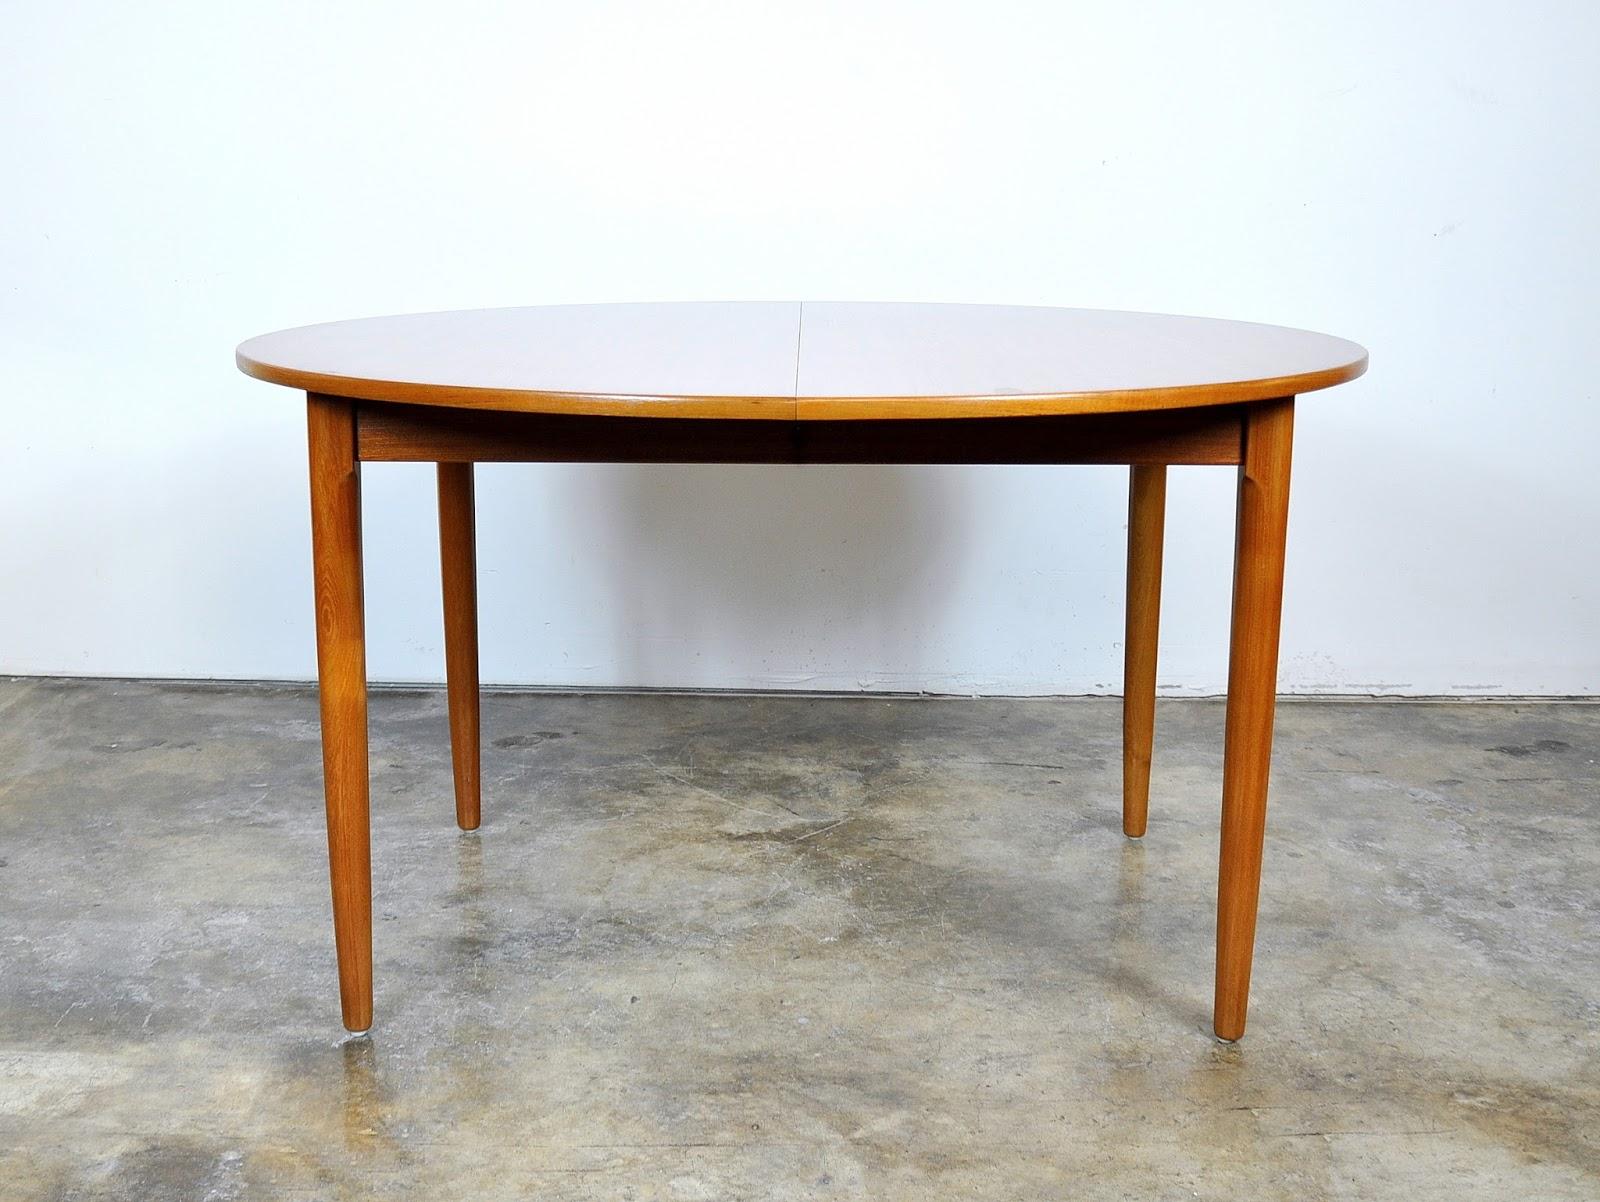 SELECT MODERN Falster Teak Expandable Dining Table : FalsterTeakExpandableDiningTable1 from midcenturymoderndesignfinds.blogspot.com size 1600 x 1202 jpeg 301kB